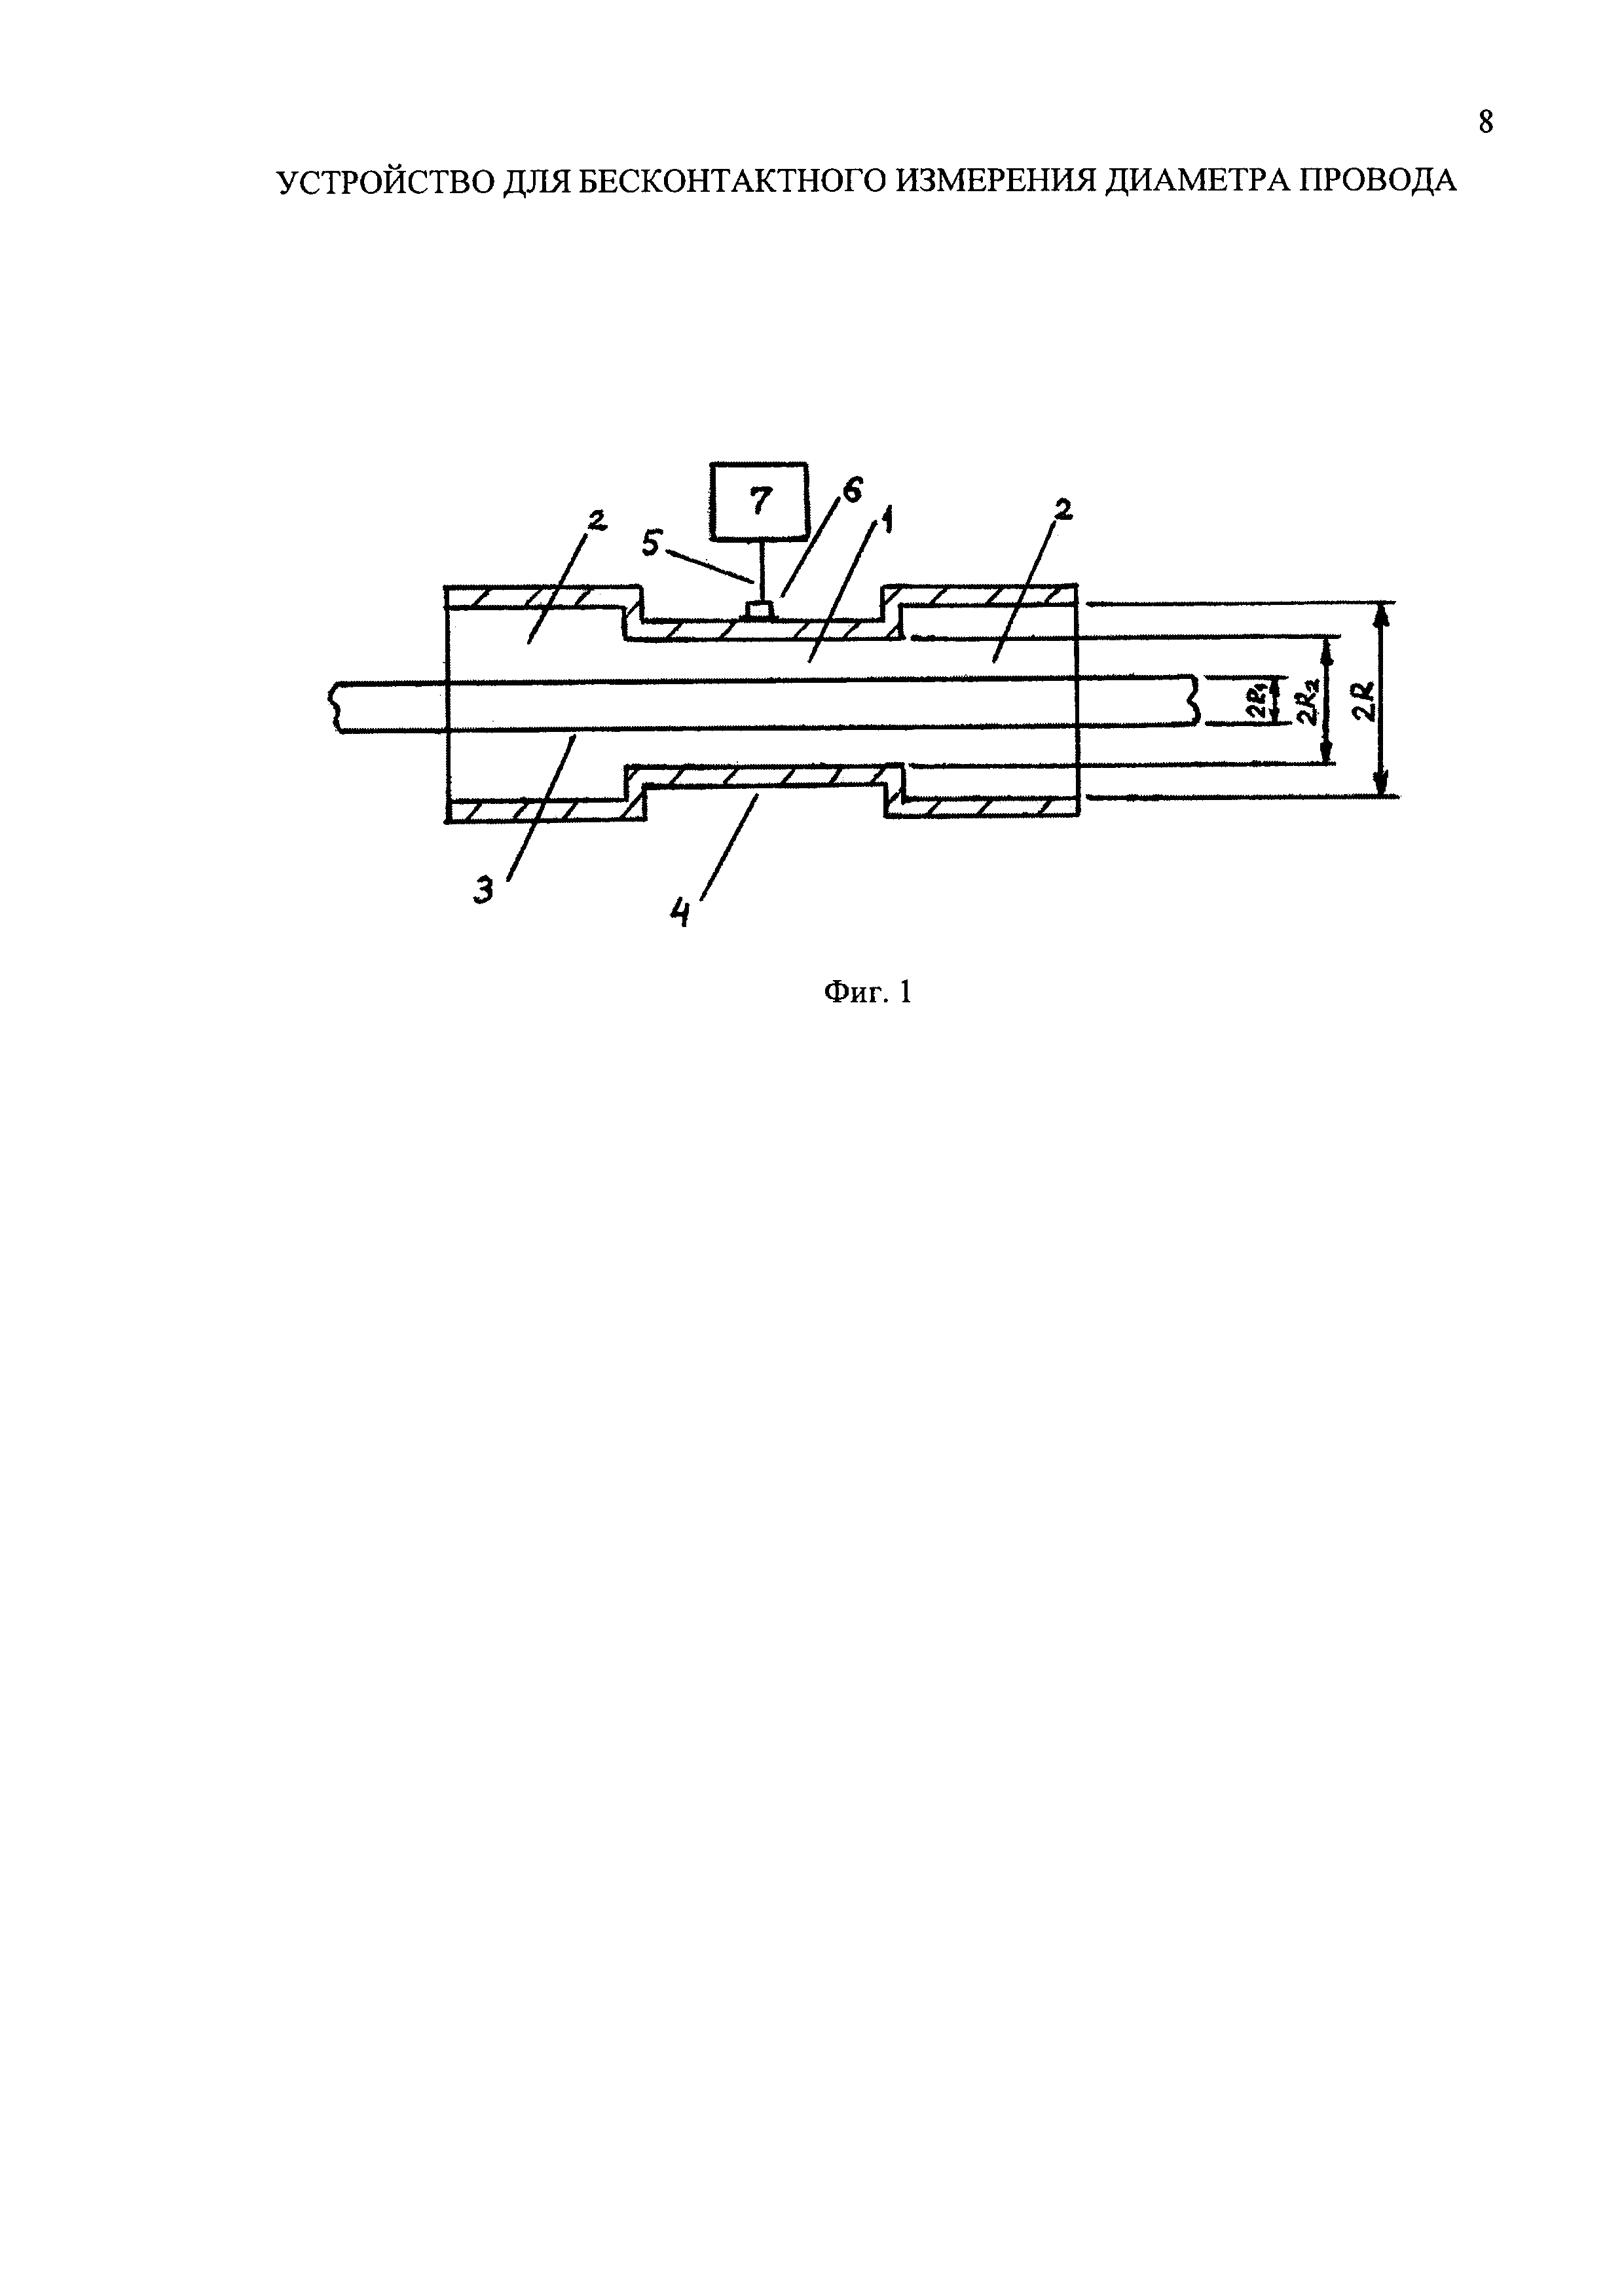 Устройство для бесконтактного измерения диаметра провода